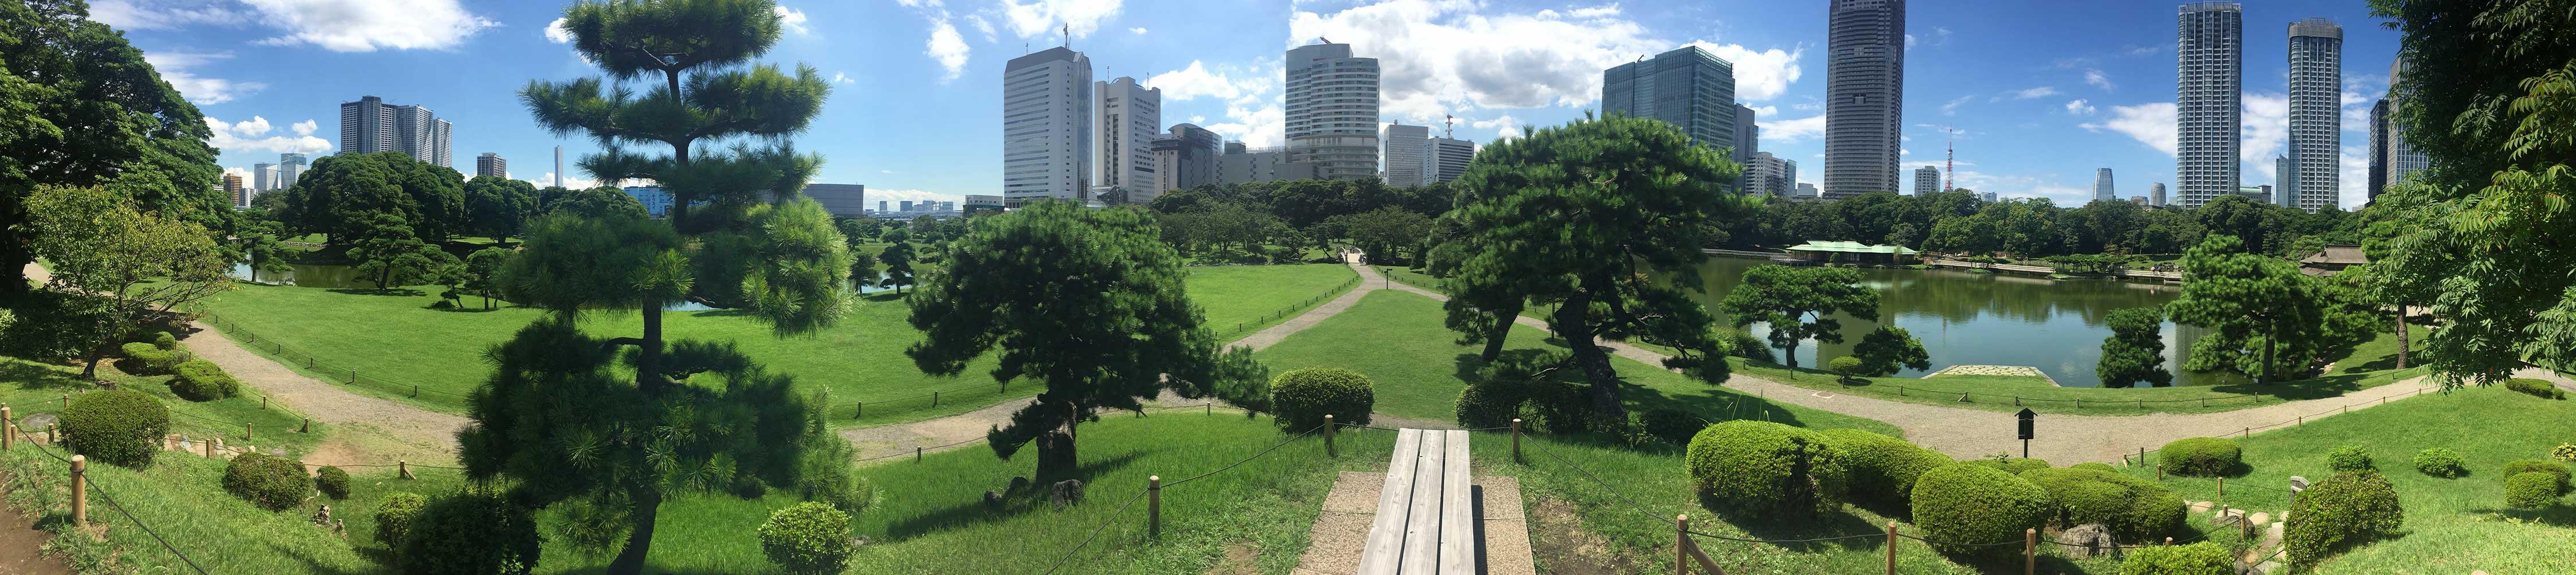 Park-Panorama